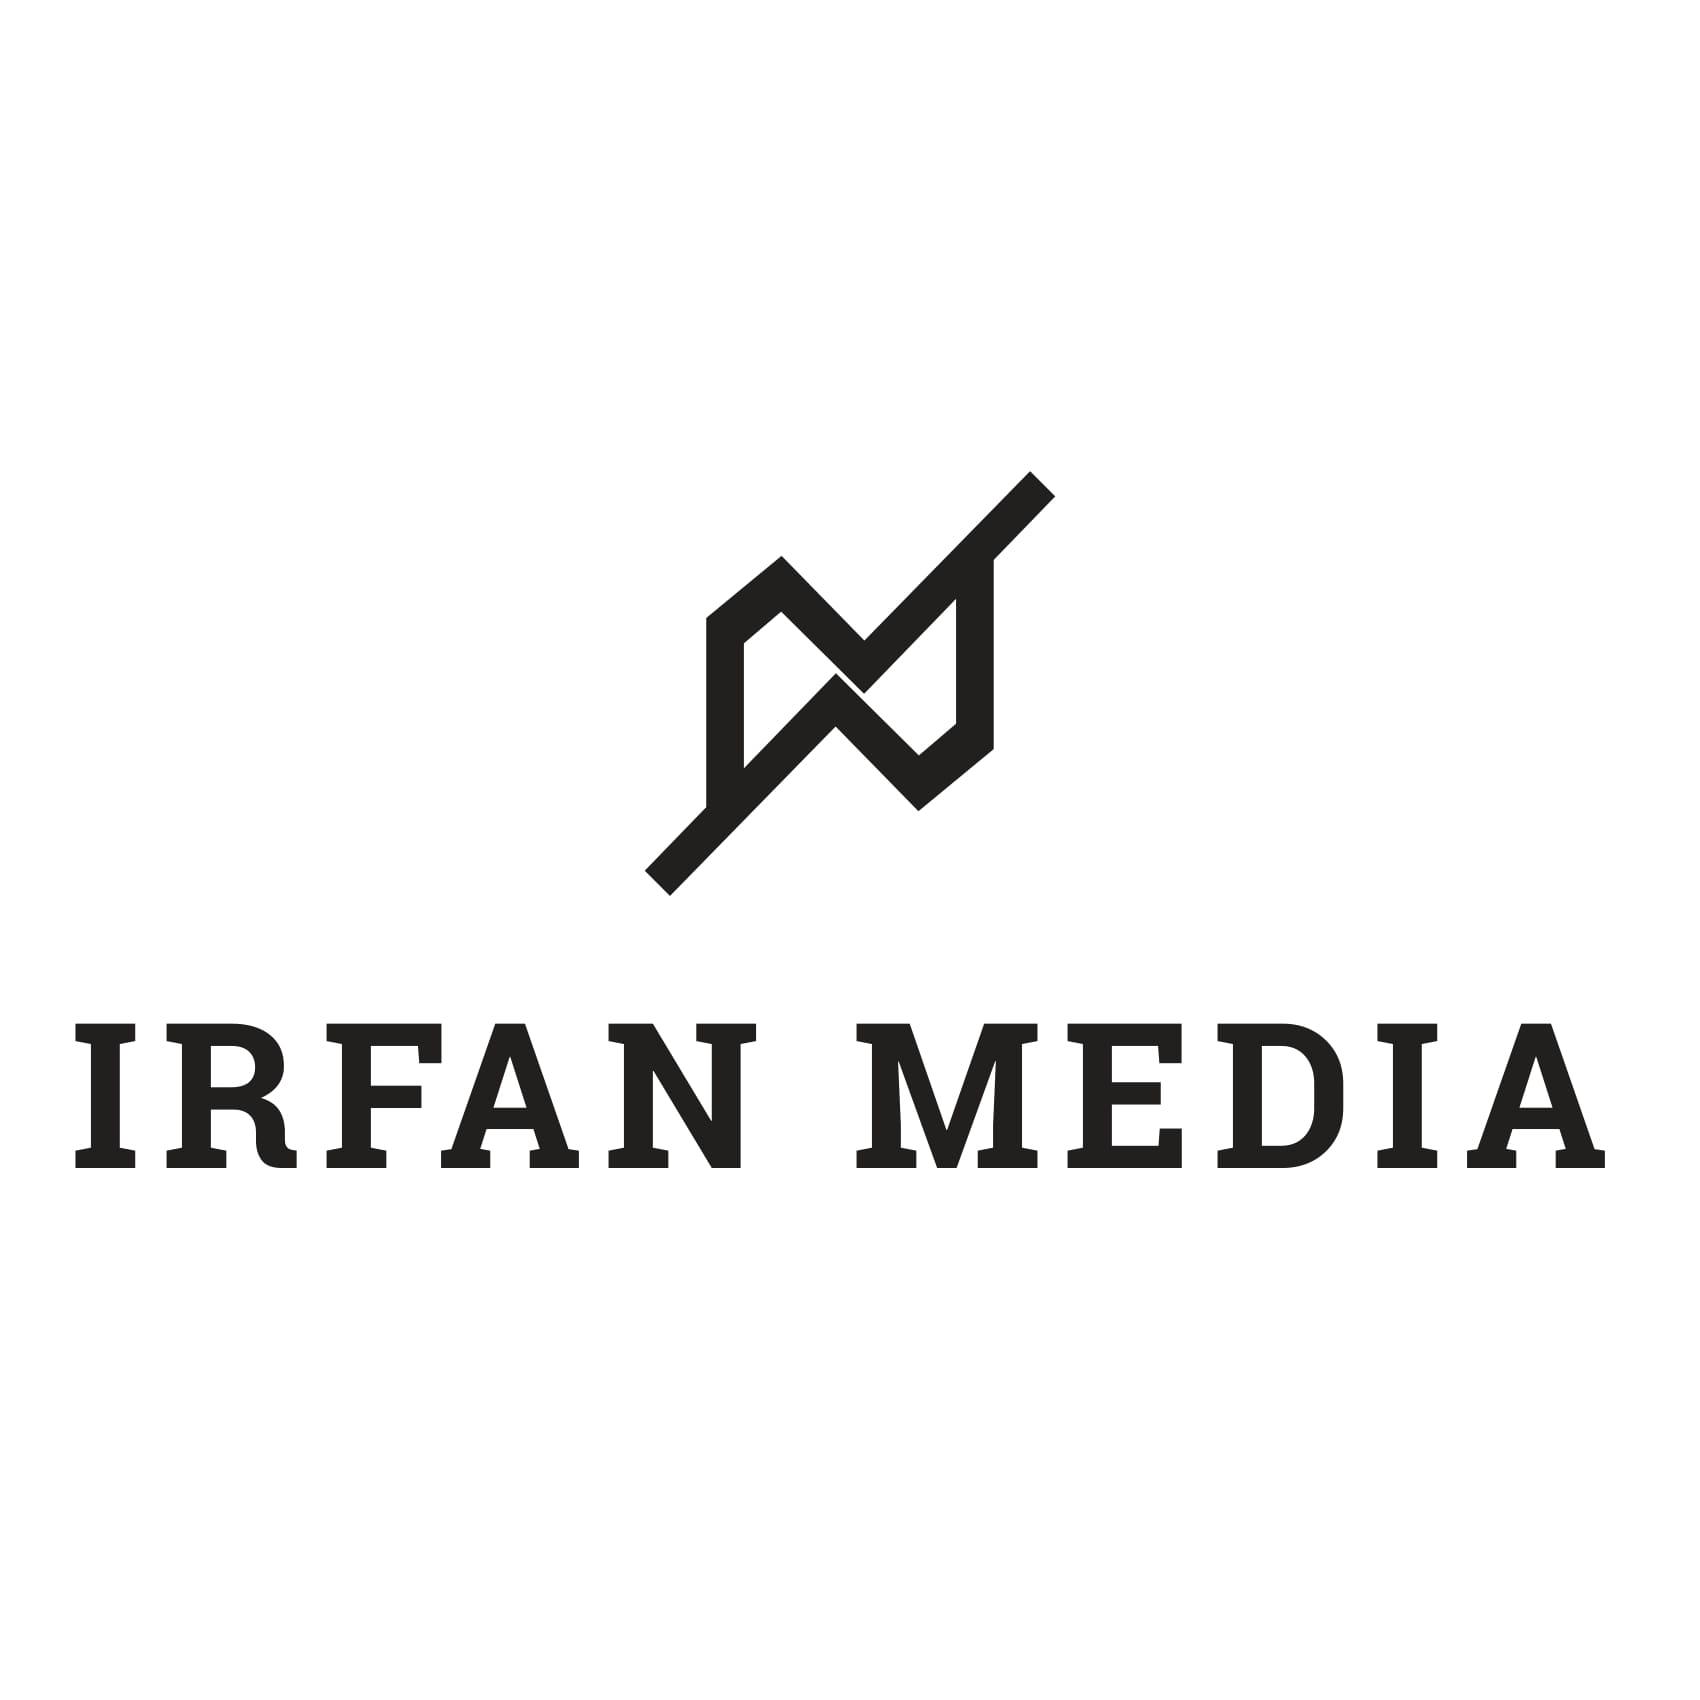 IRFAN MEDIA